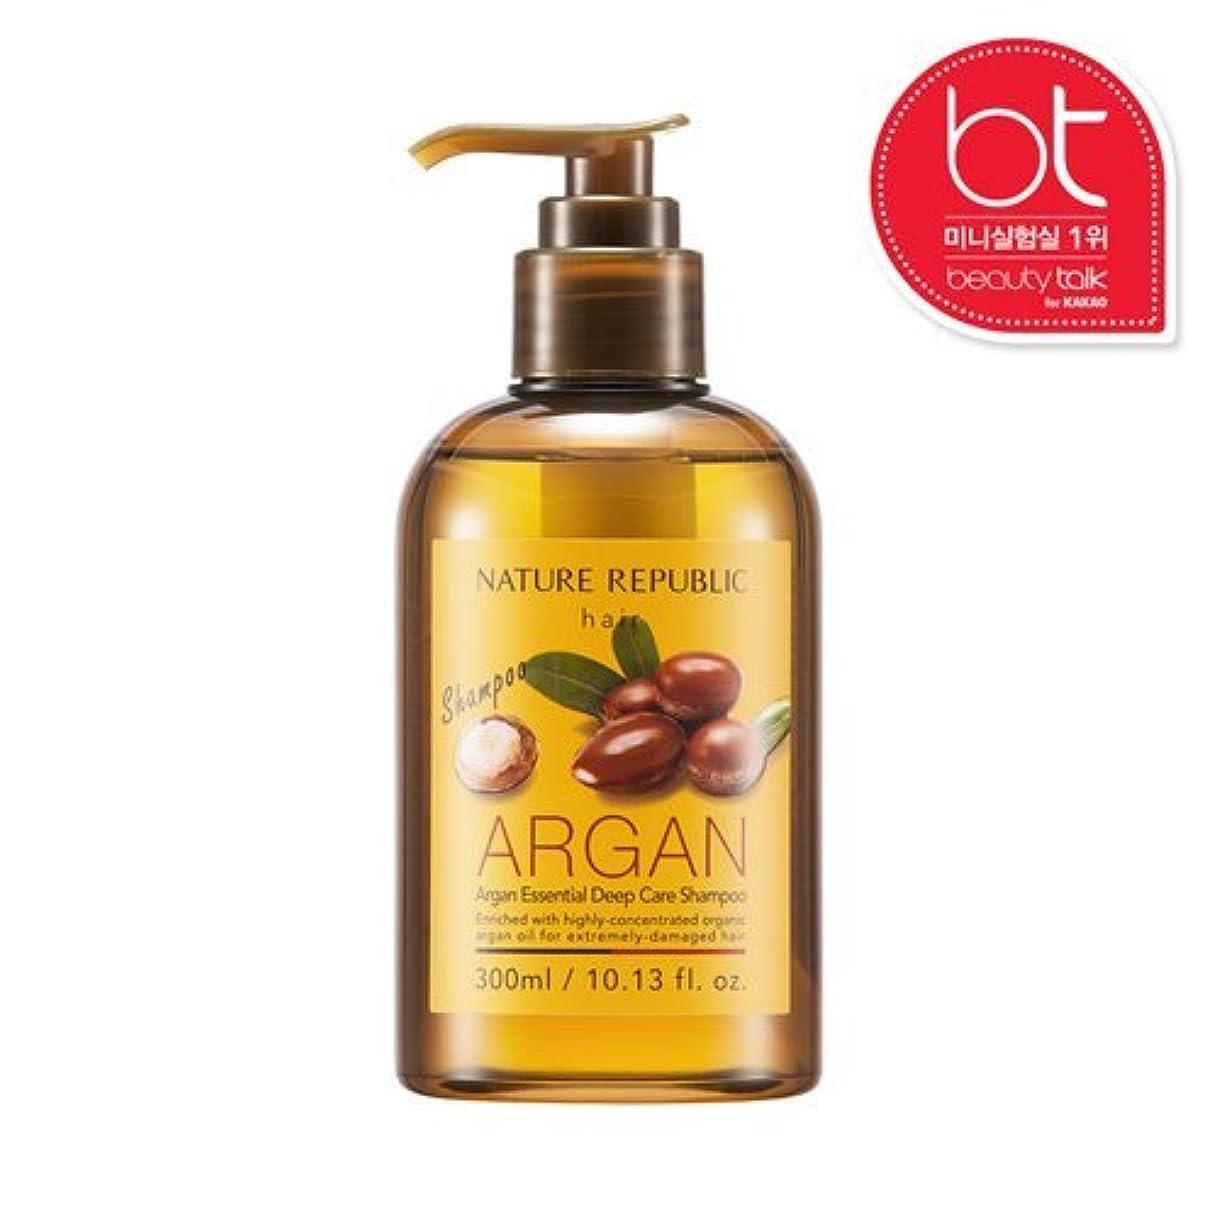 しかしながらギャラリー忠実な(NATURE REPUBLIC ネイチャーリパブリック) ARGAN Essential Deep Care Shampoo アルガン エッセンシャル ディープ ケア シャンプー